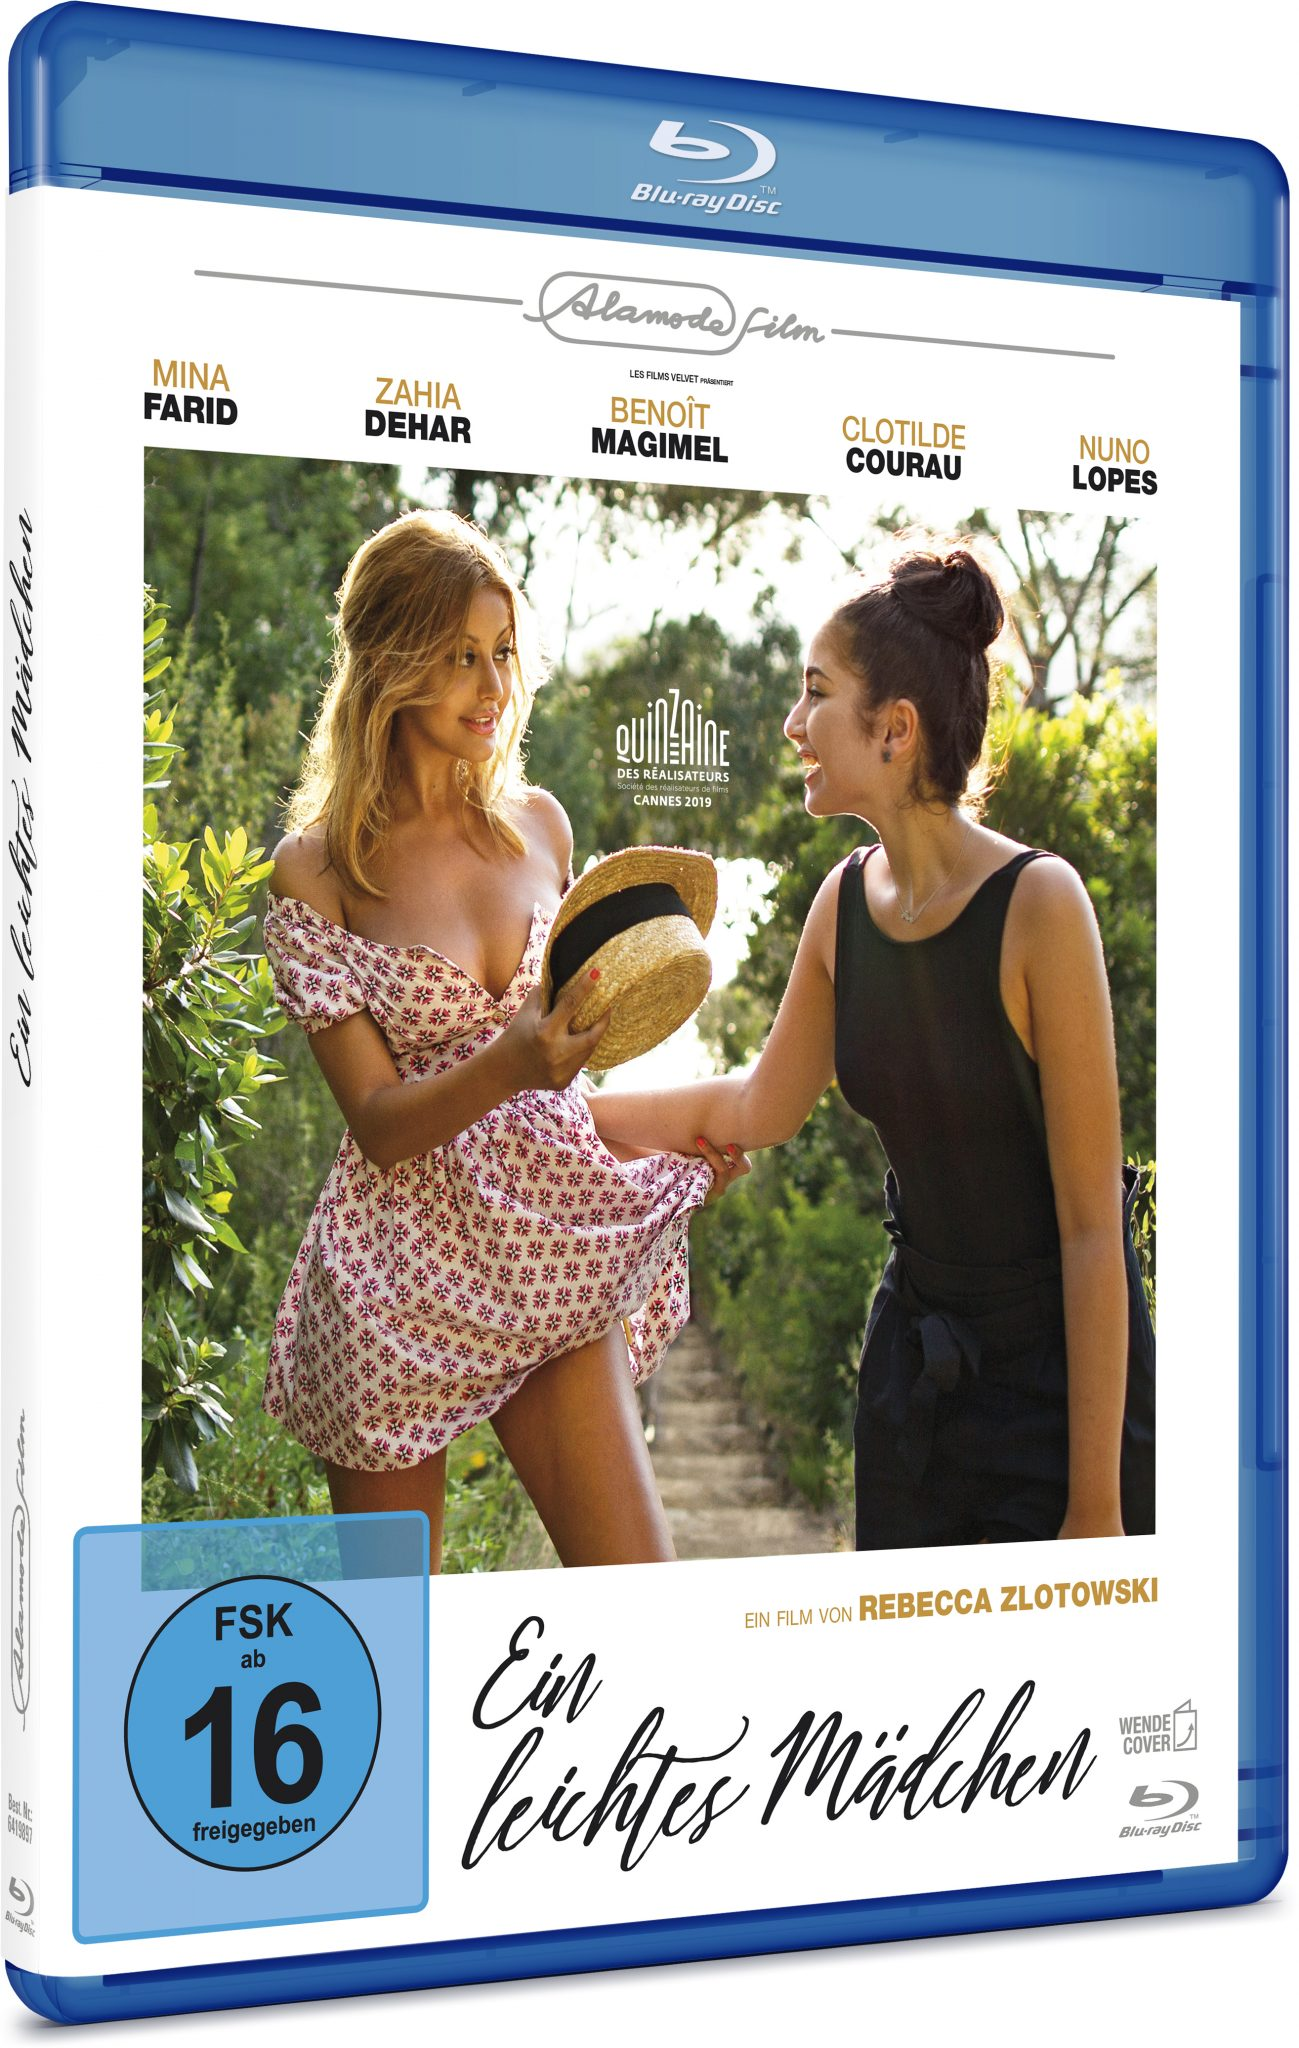 Das Cover der Blu-ray zeigt Naïma (Mina Farid) und Sofia (Zahia Dehar) in Sommerkleidern.